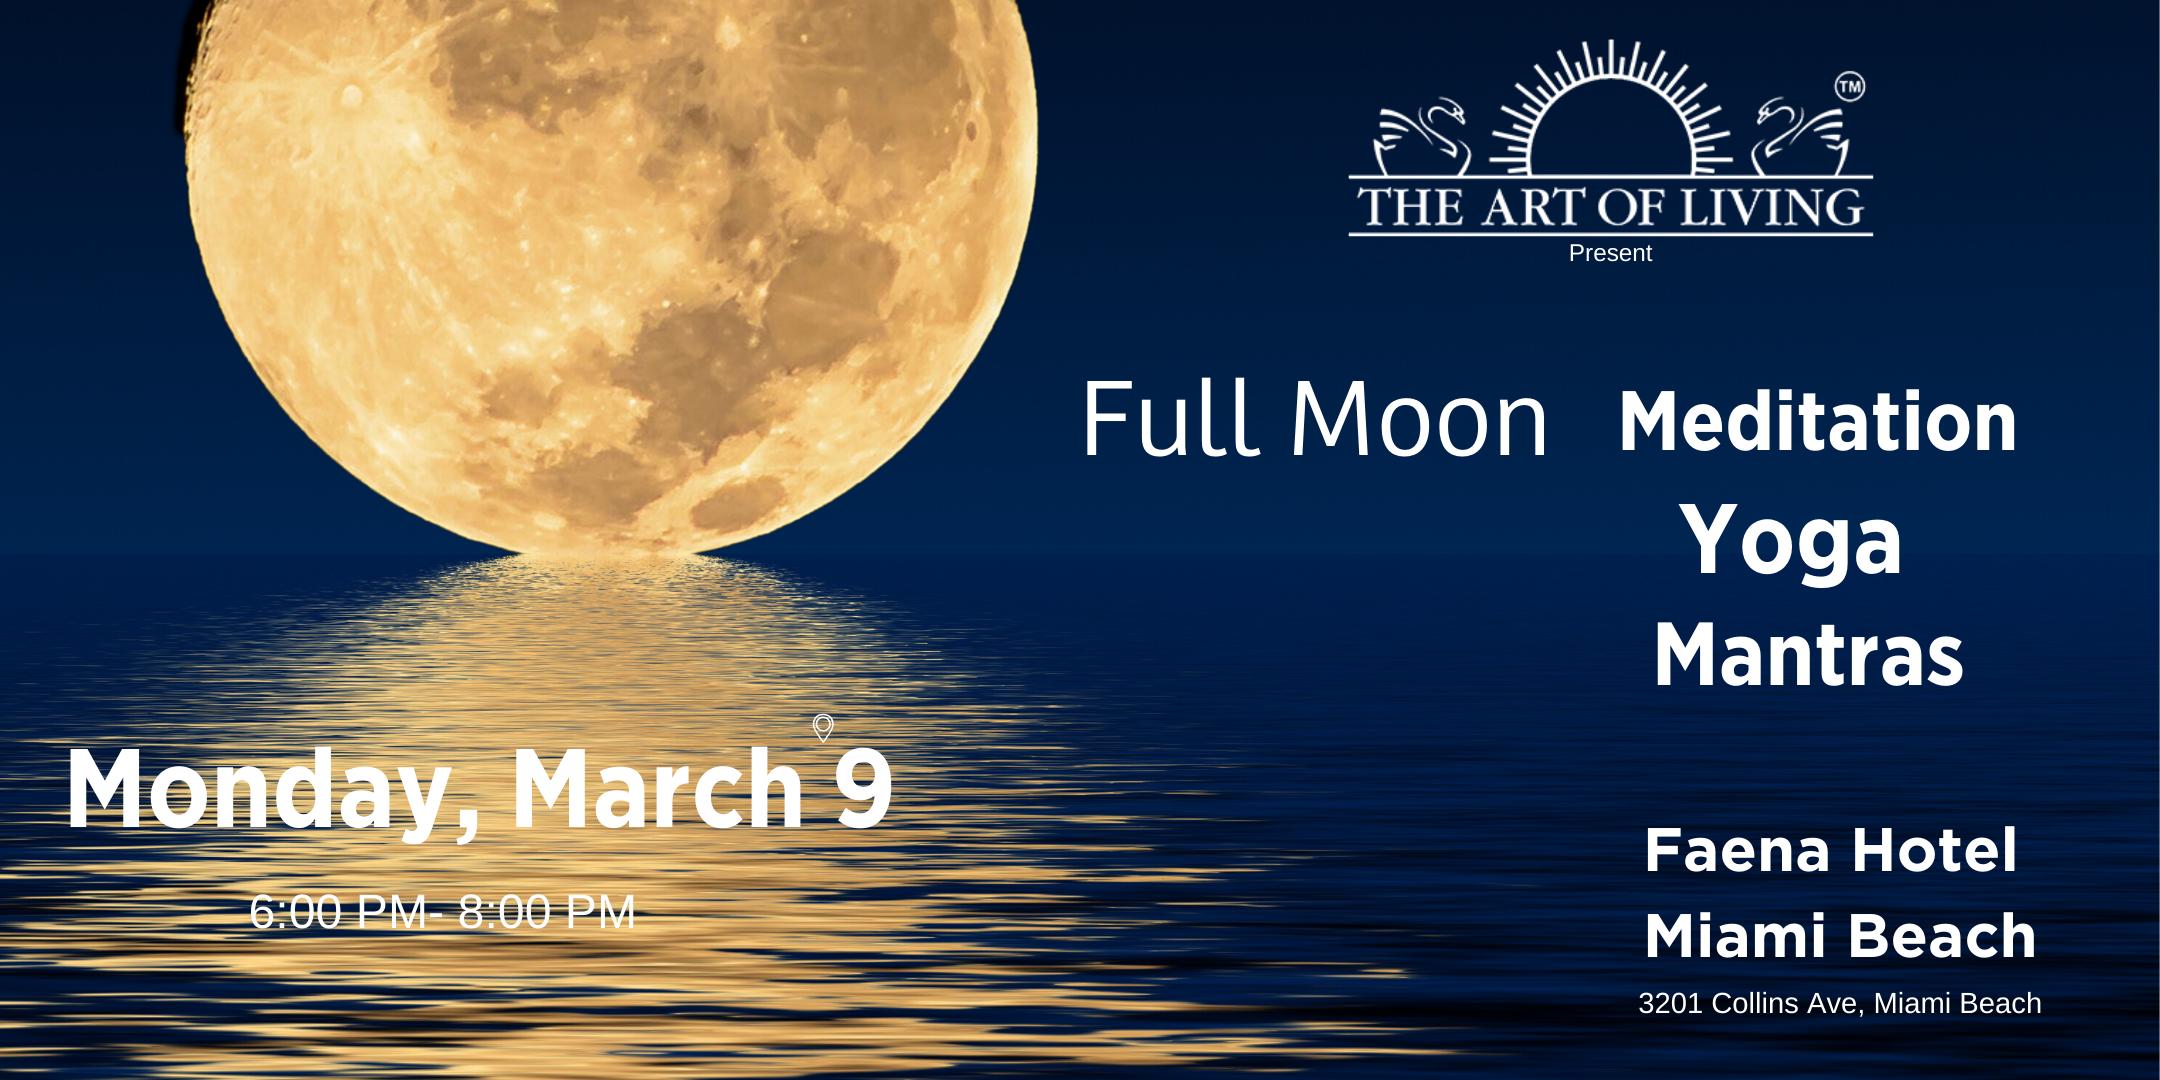 Full Moon : Yoga - Meditation - Mantras - 9 MAR 2020